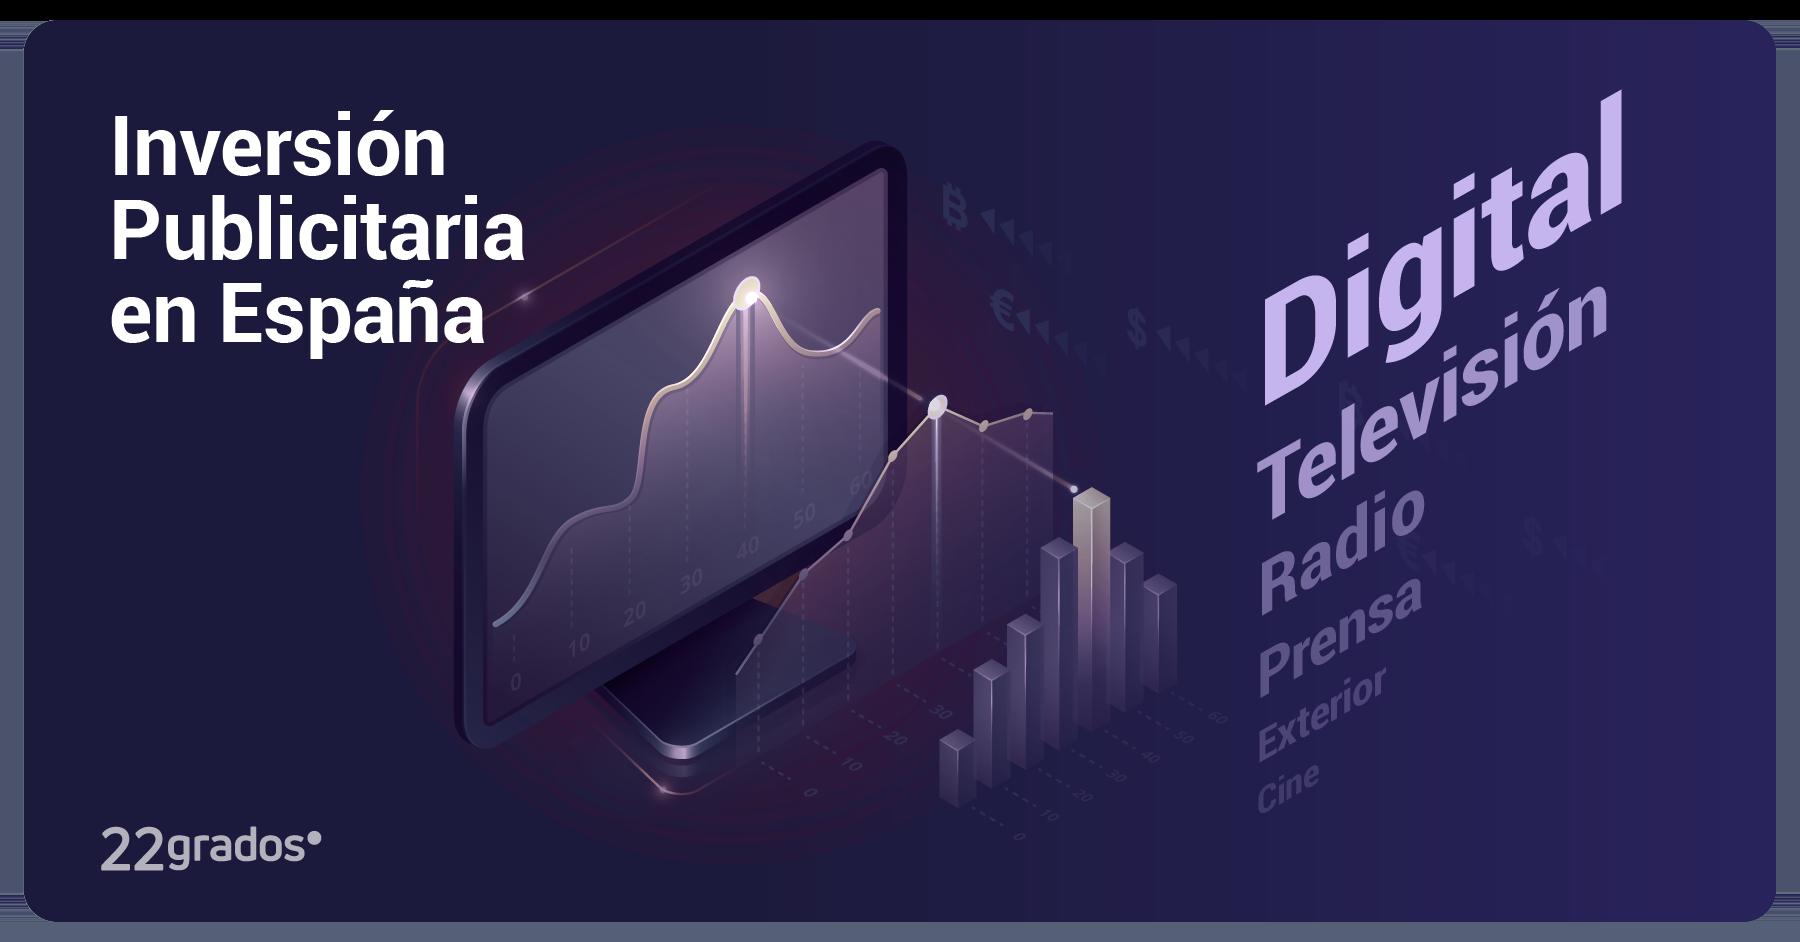 <b>Inversión Publicitaria en España:</b> Digital repite como líder en volumen de inversión dentro de los medios controlados